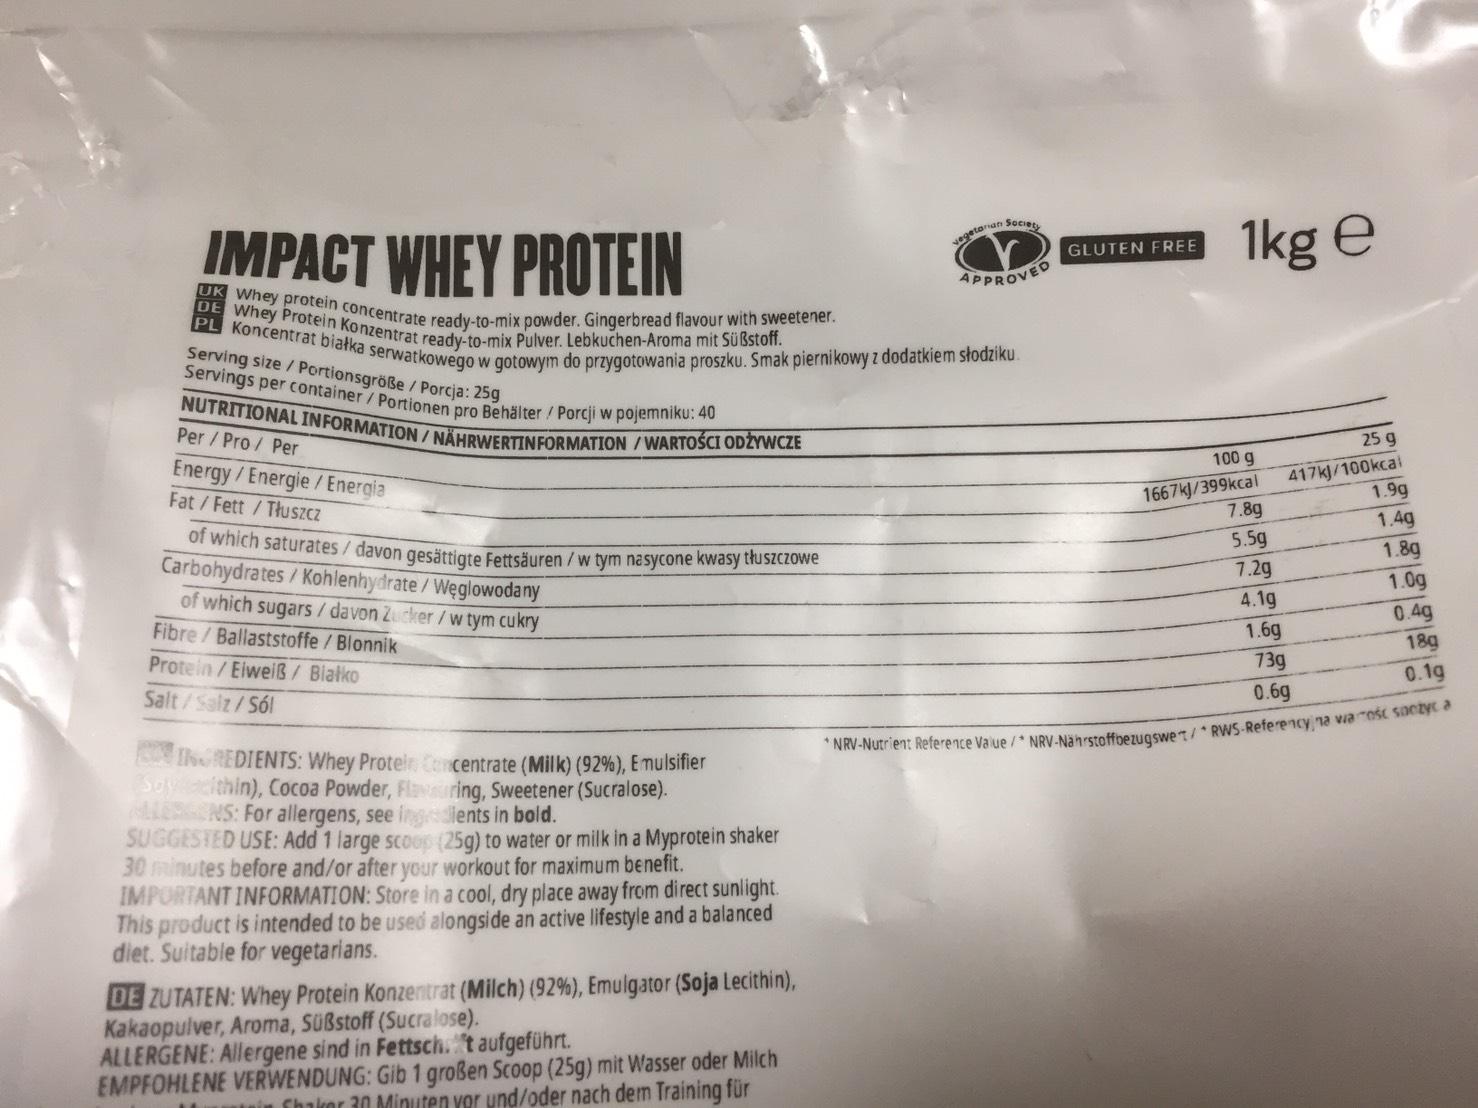 【WPC】Impactホエイプロテイン「レープクーヘン味」・「ジンジャーブレッド味」の成分表